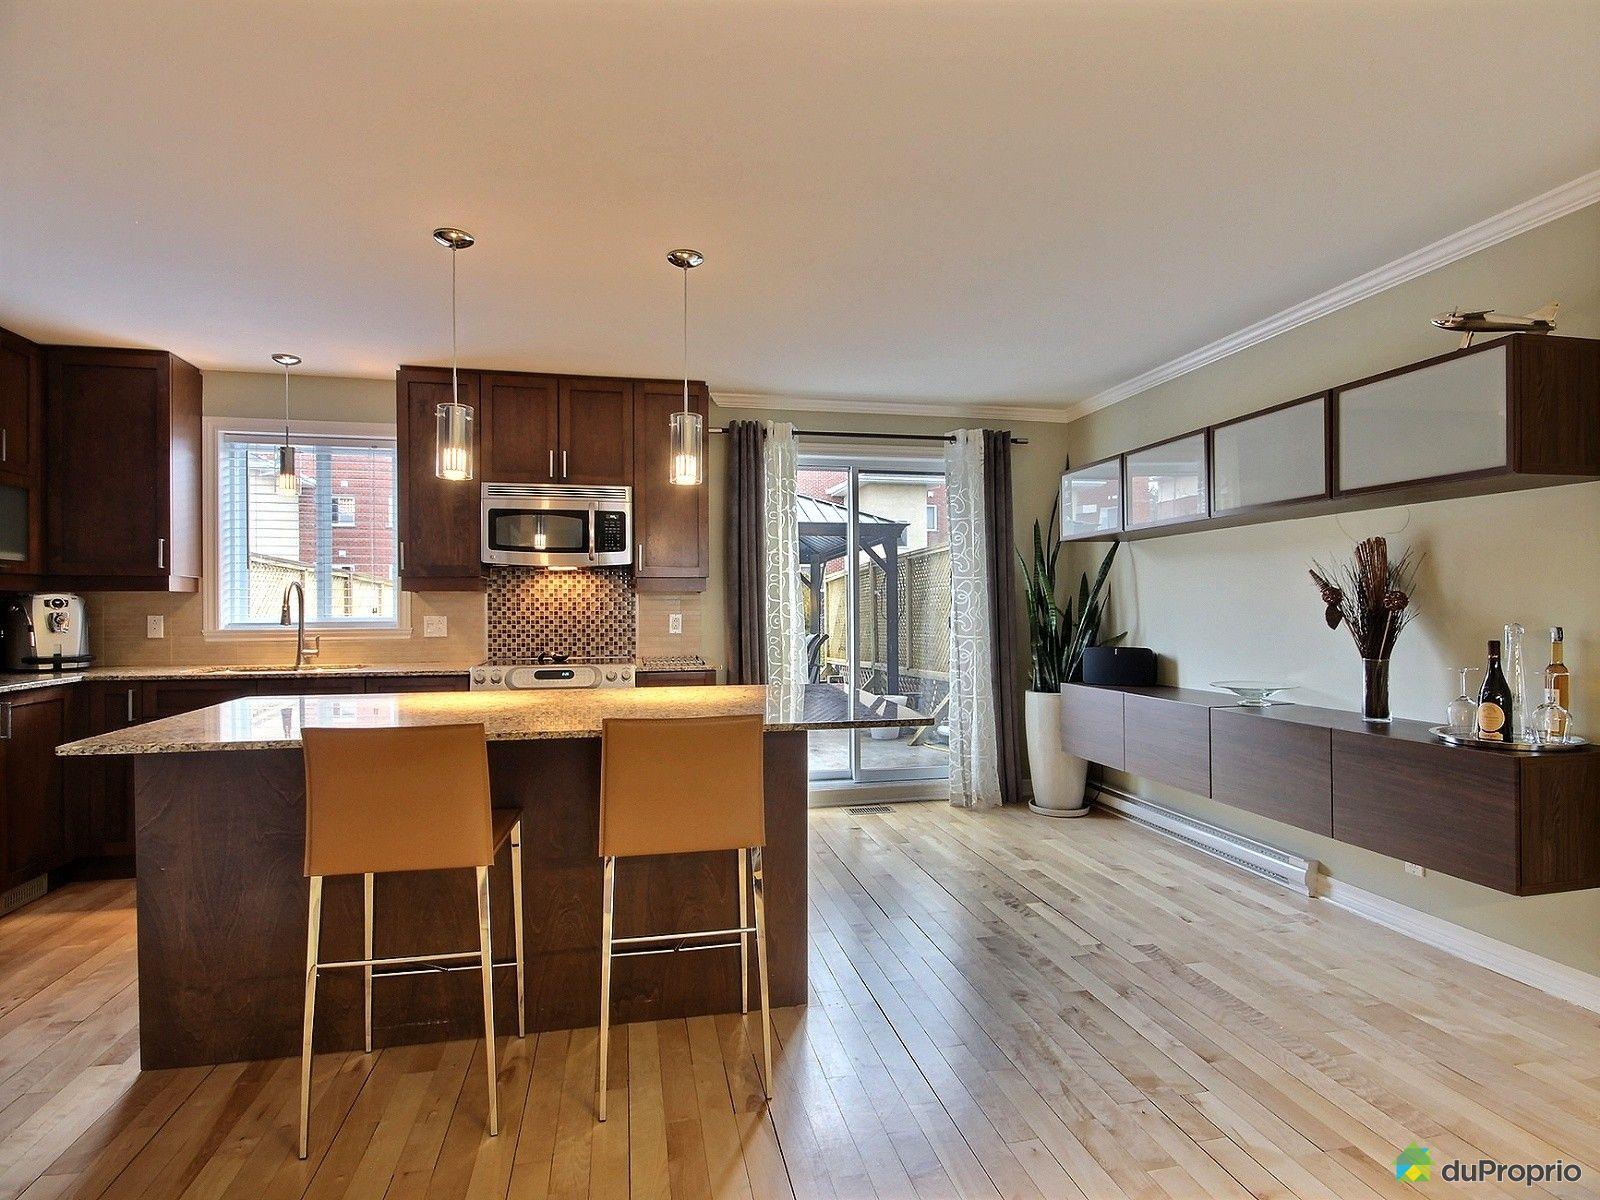 Maison vendre st bruno de montarville 1326 rue des for Ares cuisine st bruno